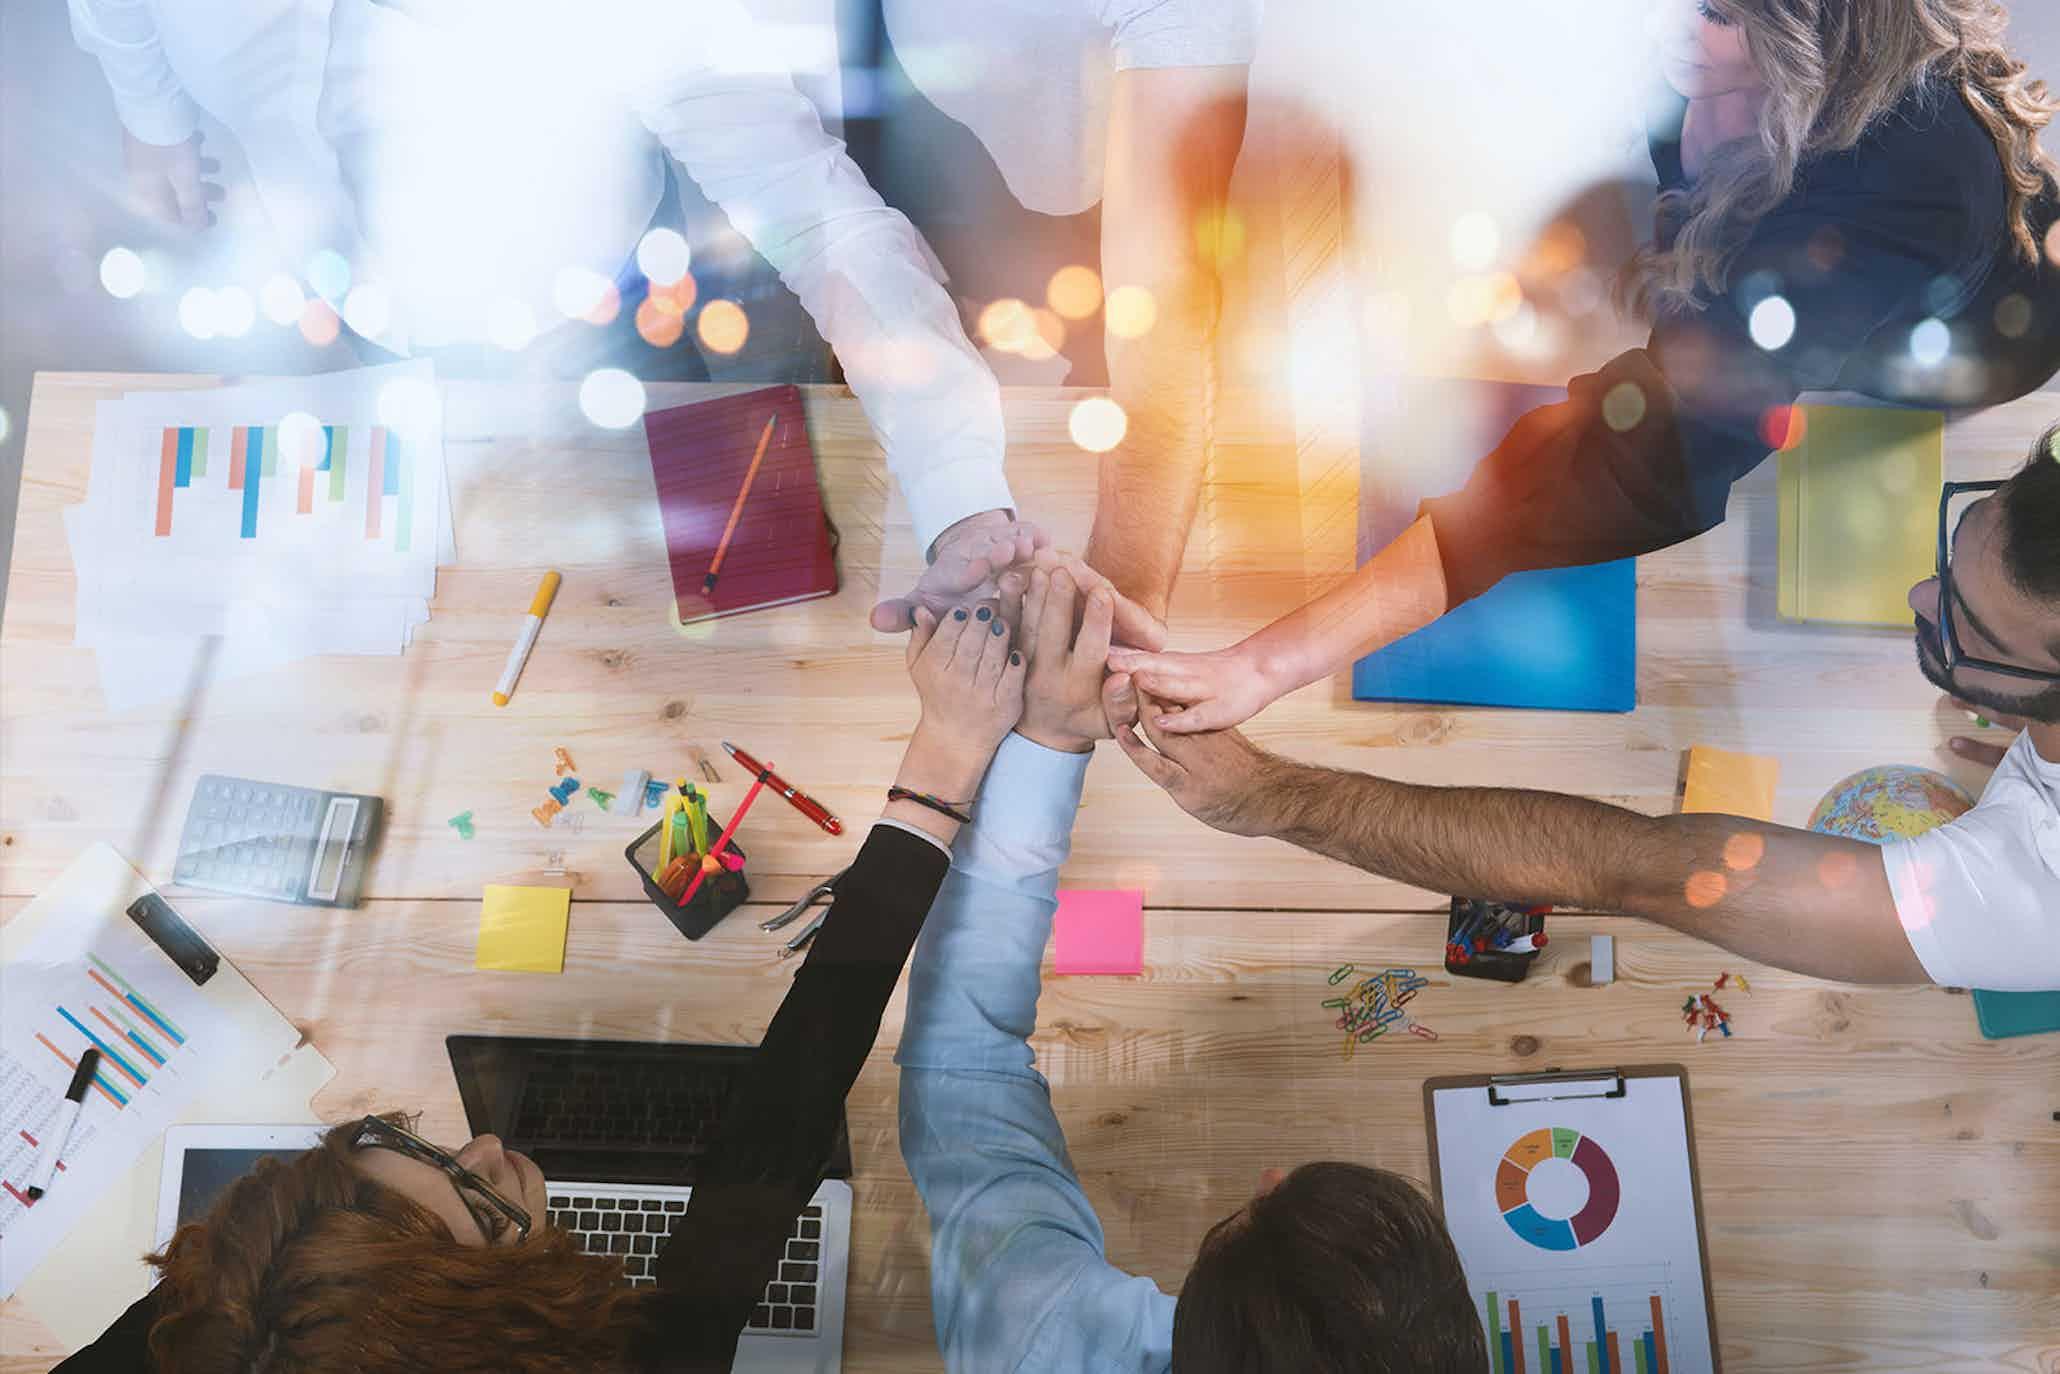 چگونه می توان تلاشهای بازاریابی دیجیتال سازمان خود را انسانی کرد